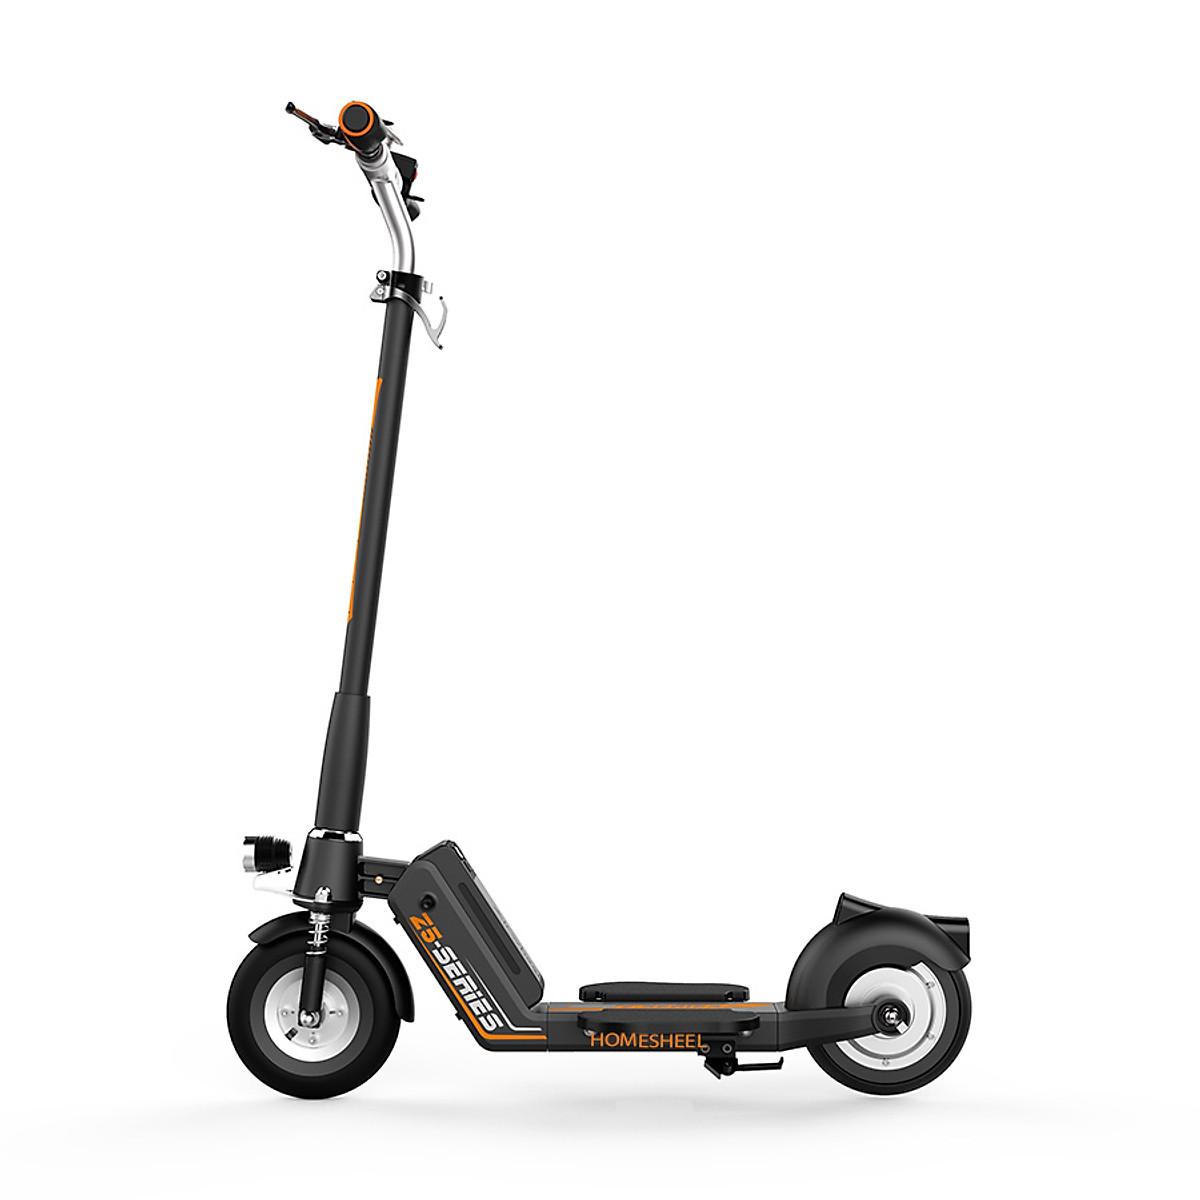 Đánh giá Xe Trượt Scooter Homesheel Genuine Z5 Black